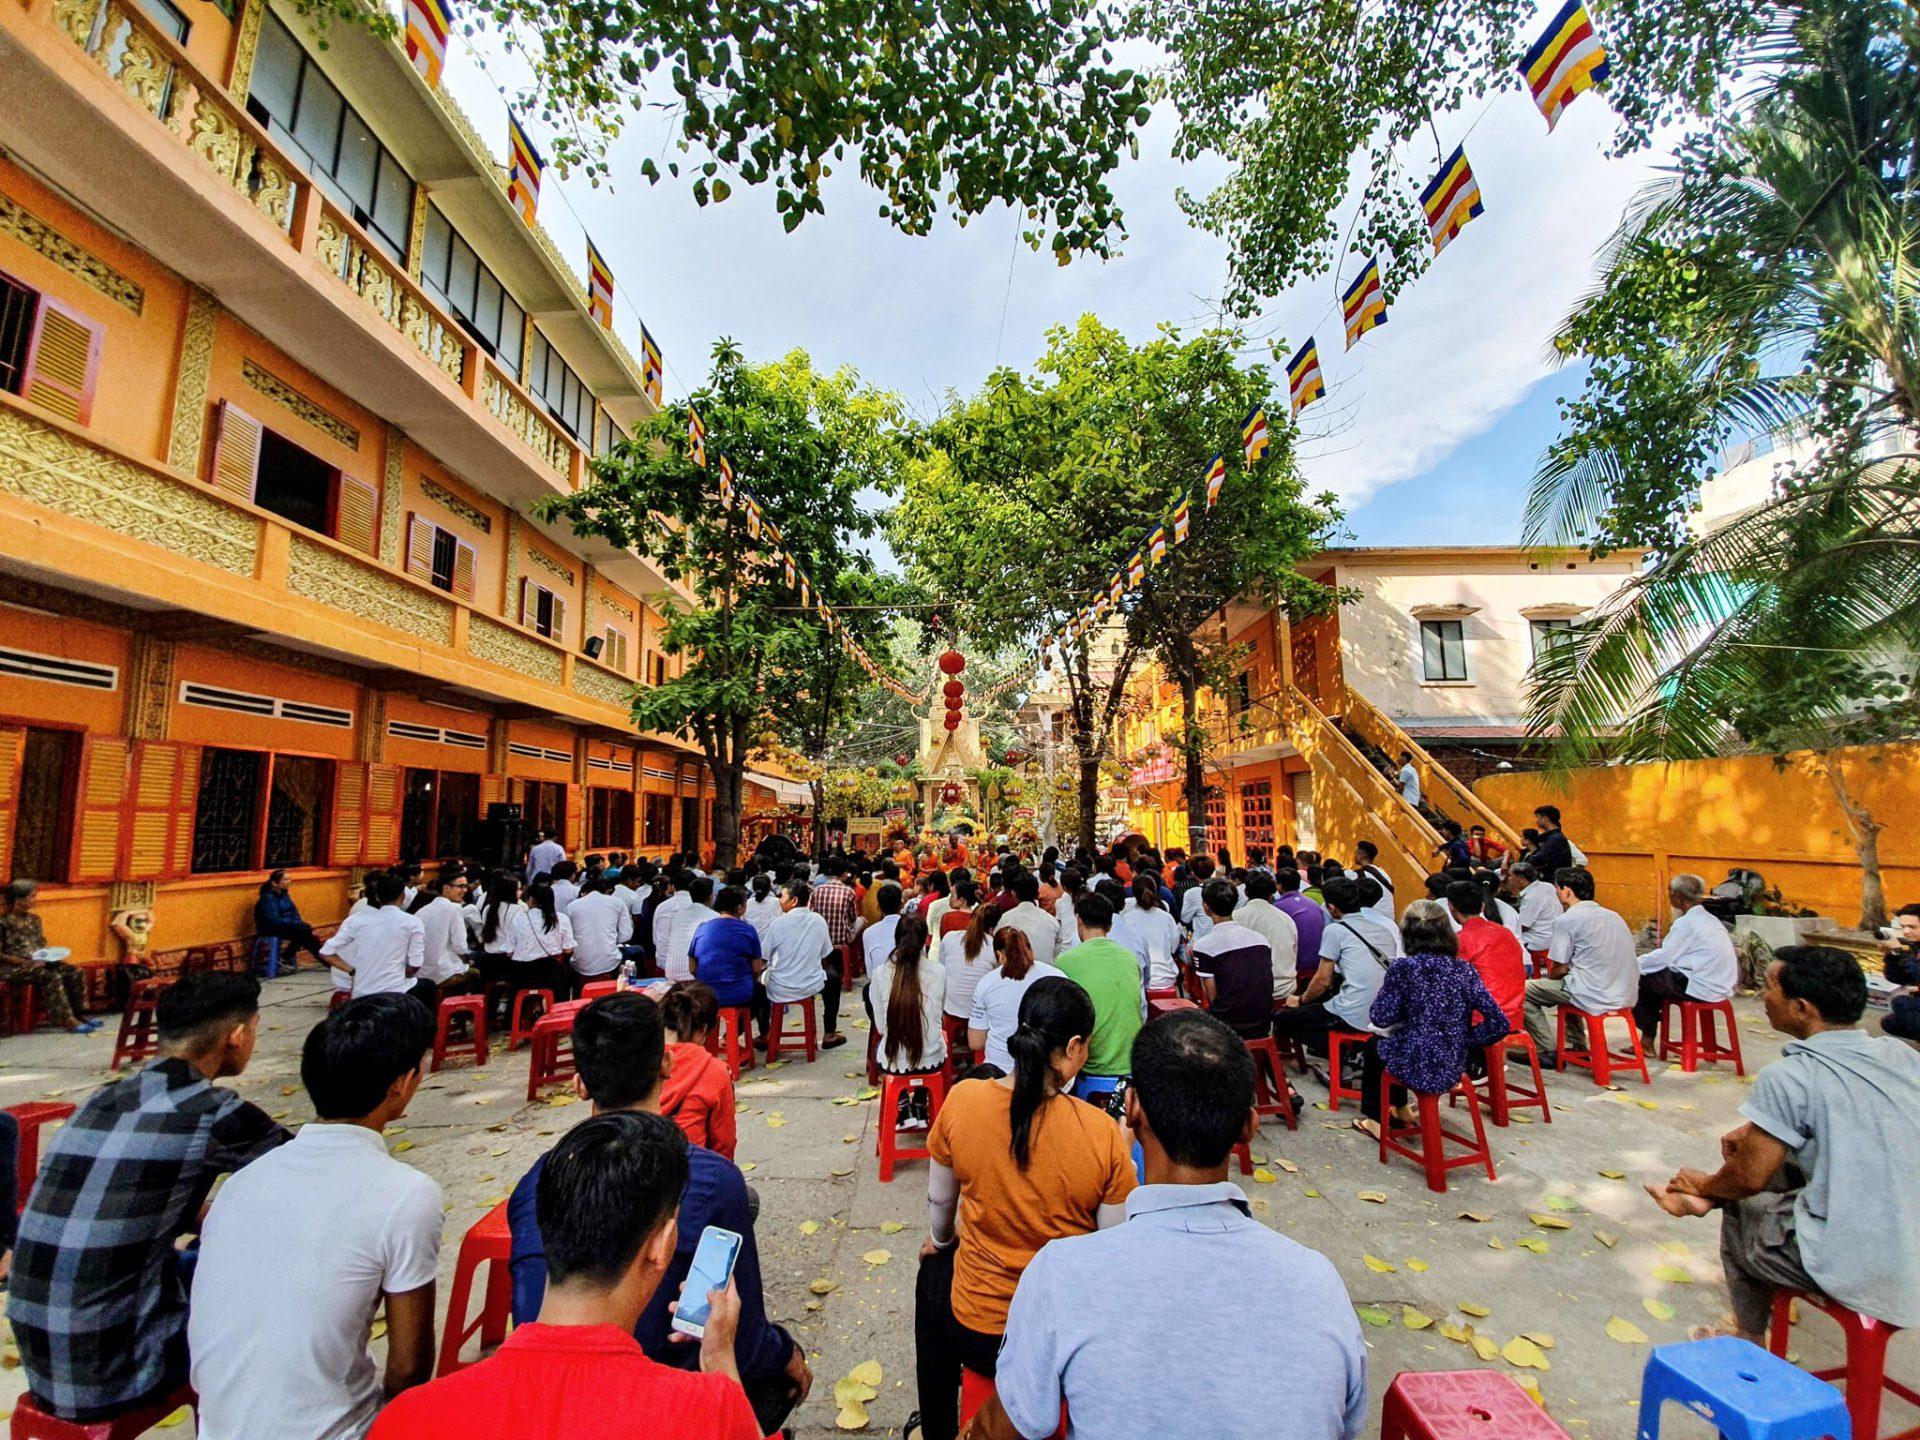 Trải nghiệm Tết Chol Chnam Thmay rộn ràng, nhiều sắc màu